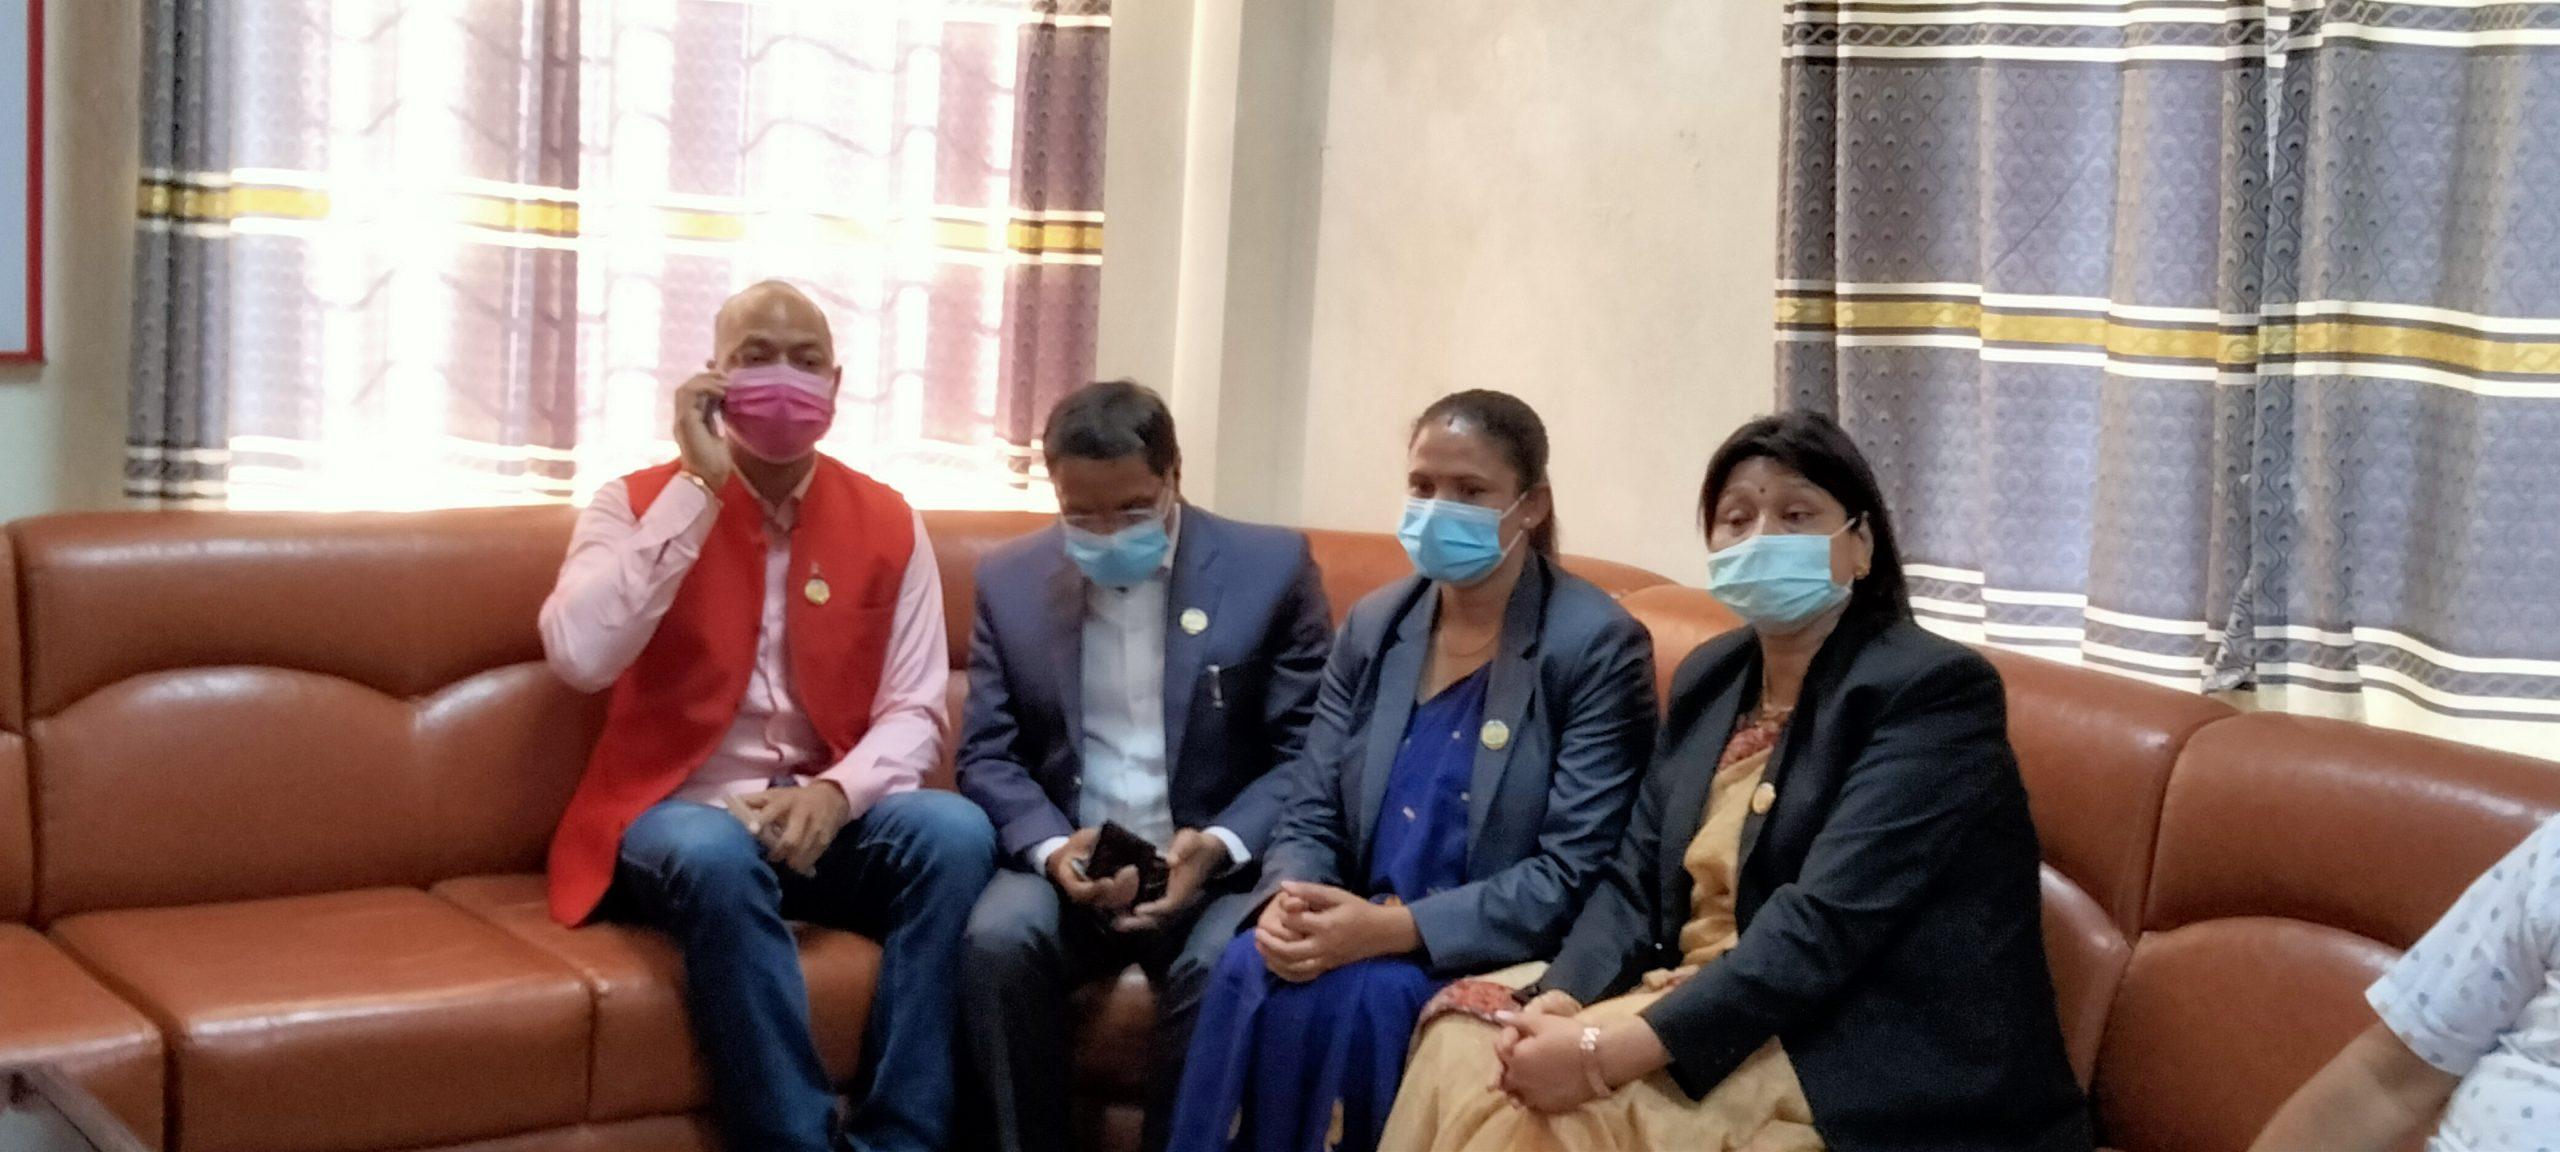 लुम्बिनी प्रदेशका चार सांसदको मुद्दा अब पूर्ण इजलासमा